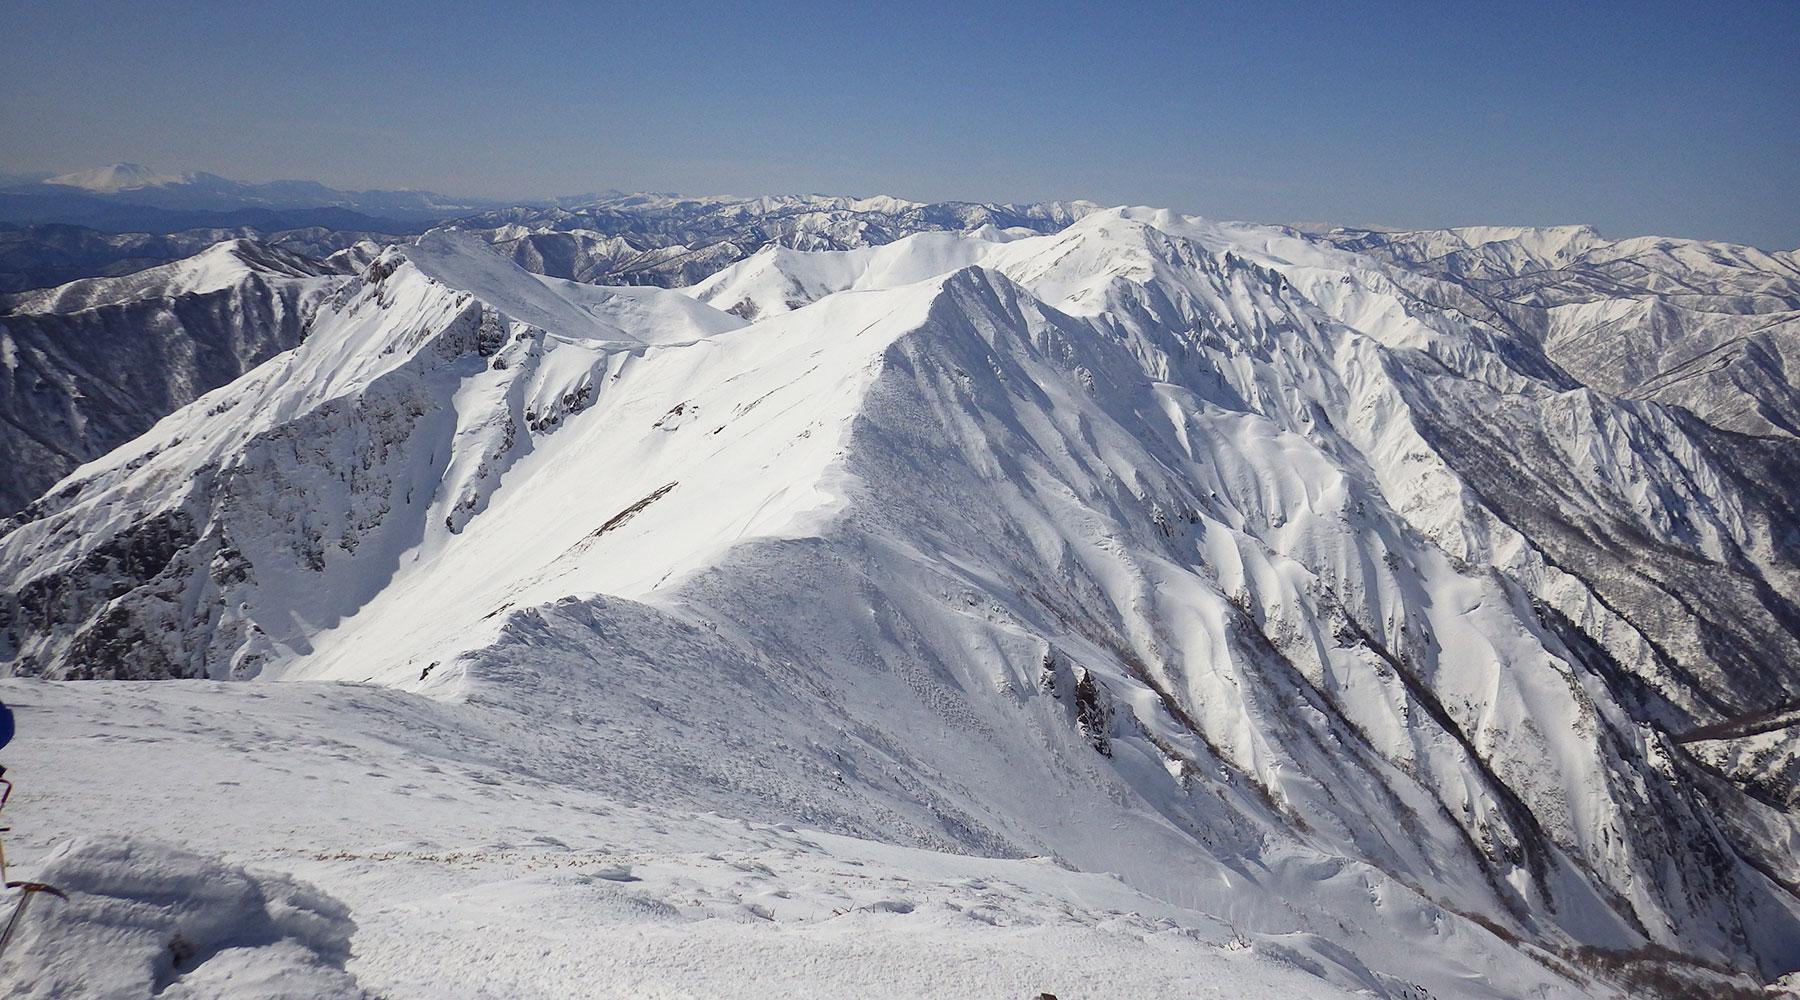 谷川岳・トマの耳から見た平標方面に続く西側の尾根